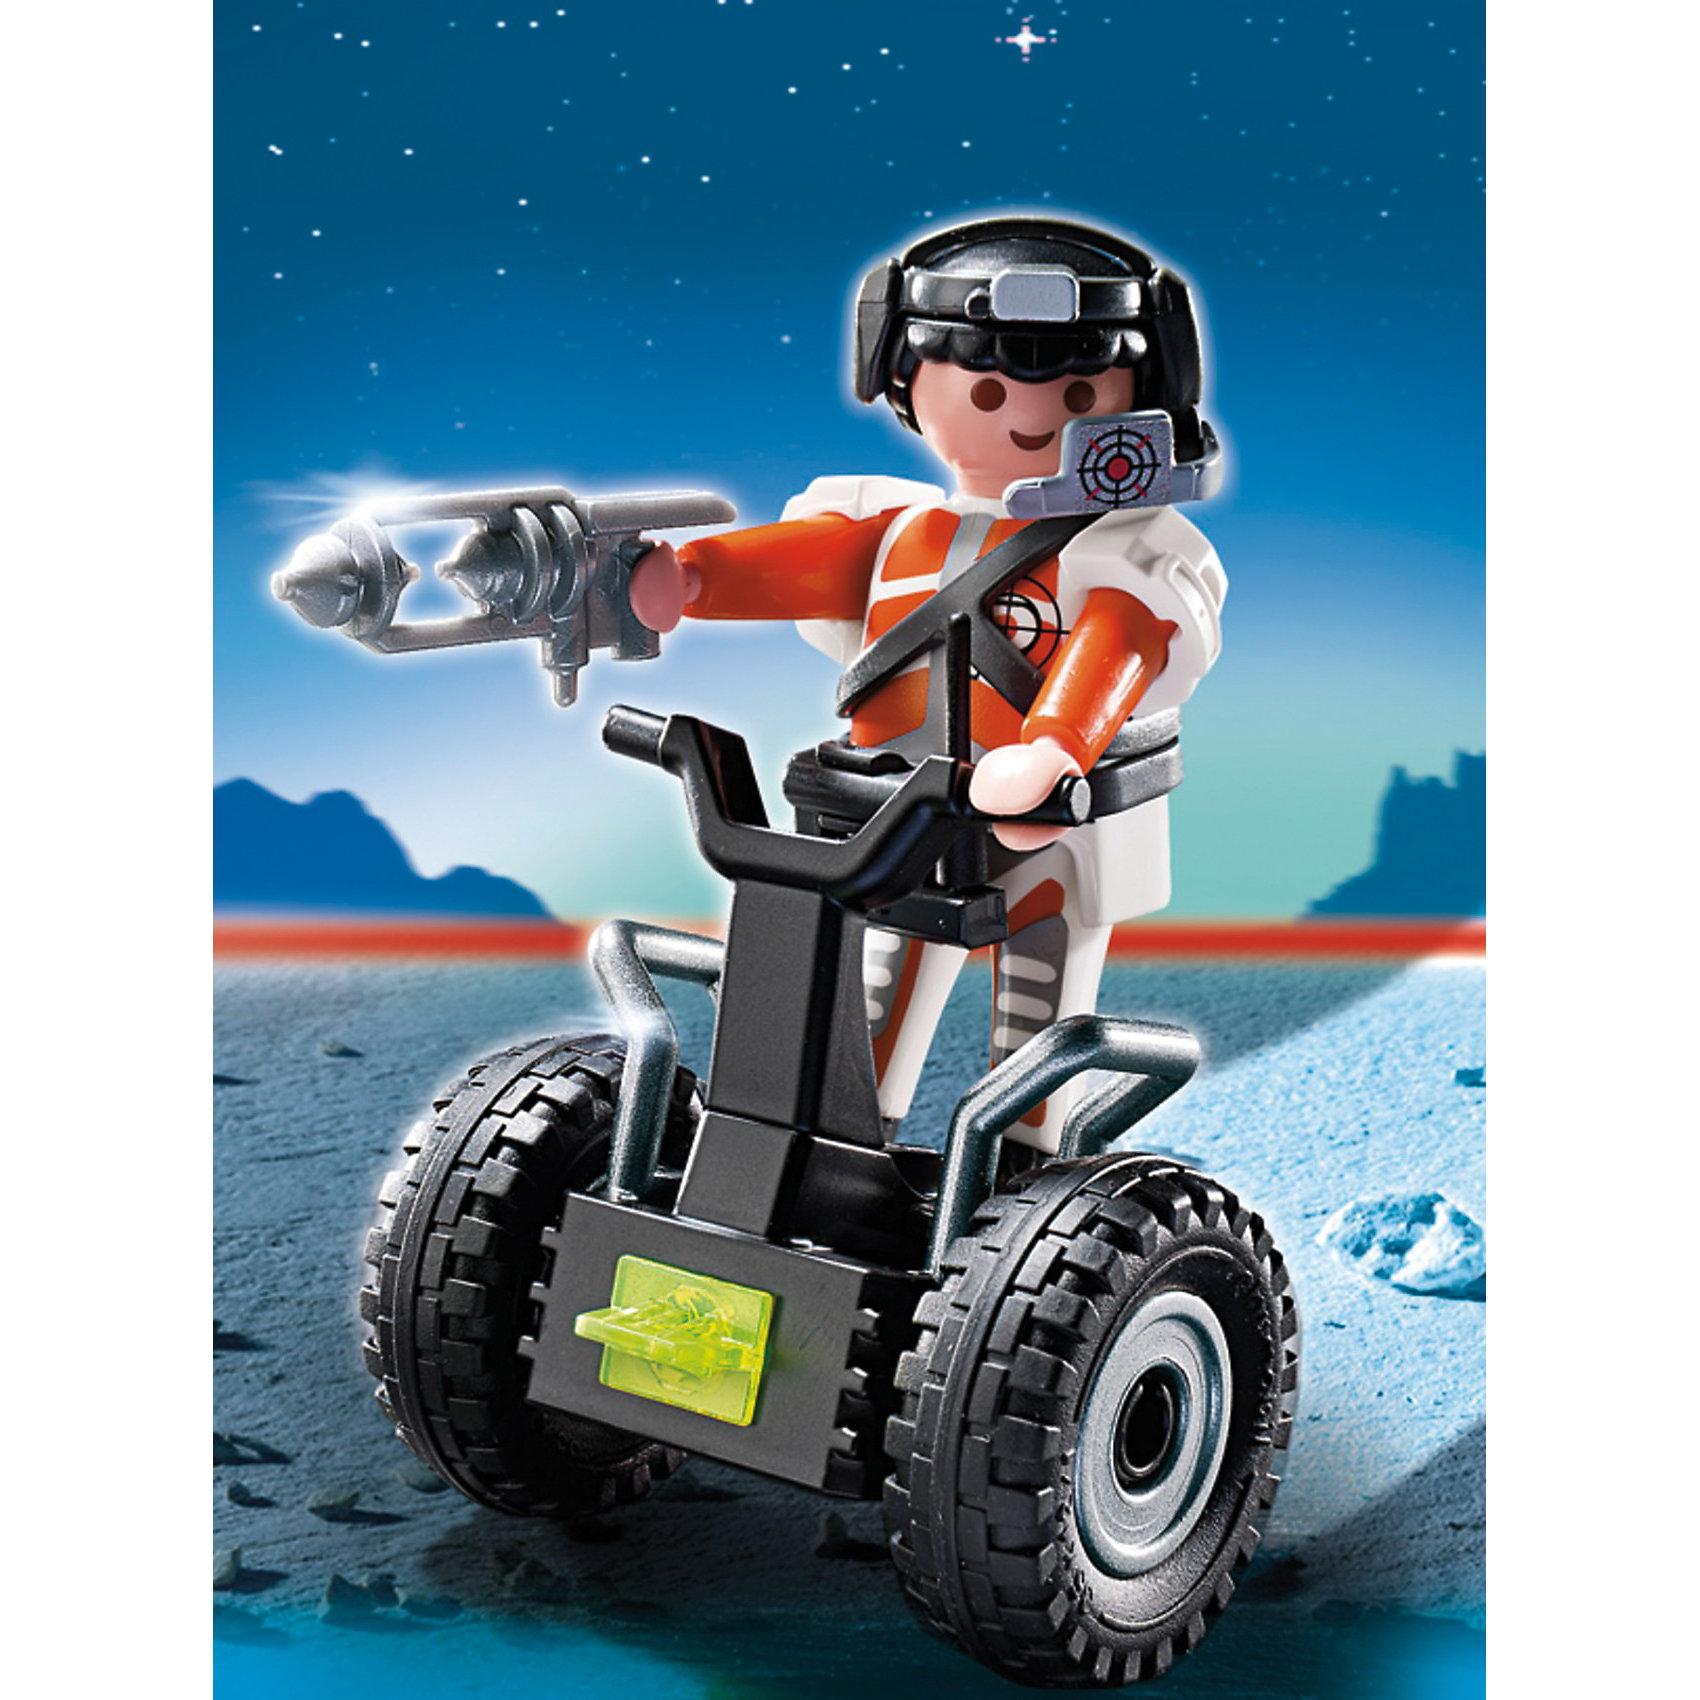 PLAYMOBIL® PLAYMOBIL  5296 Экстра-набор: Топ агент на гоночной машине playmobil® playmobil 5289 секретный агент мега робот с бластером